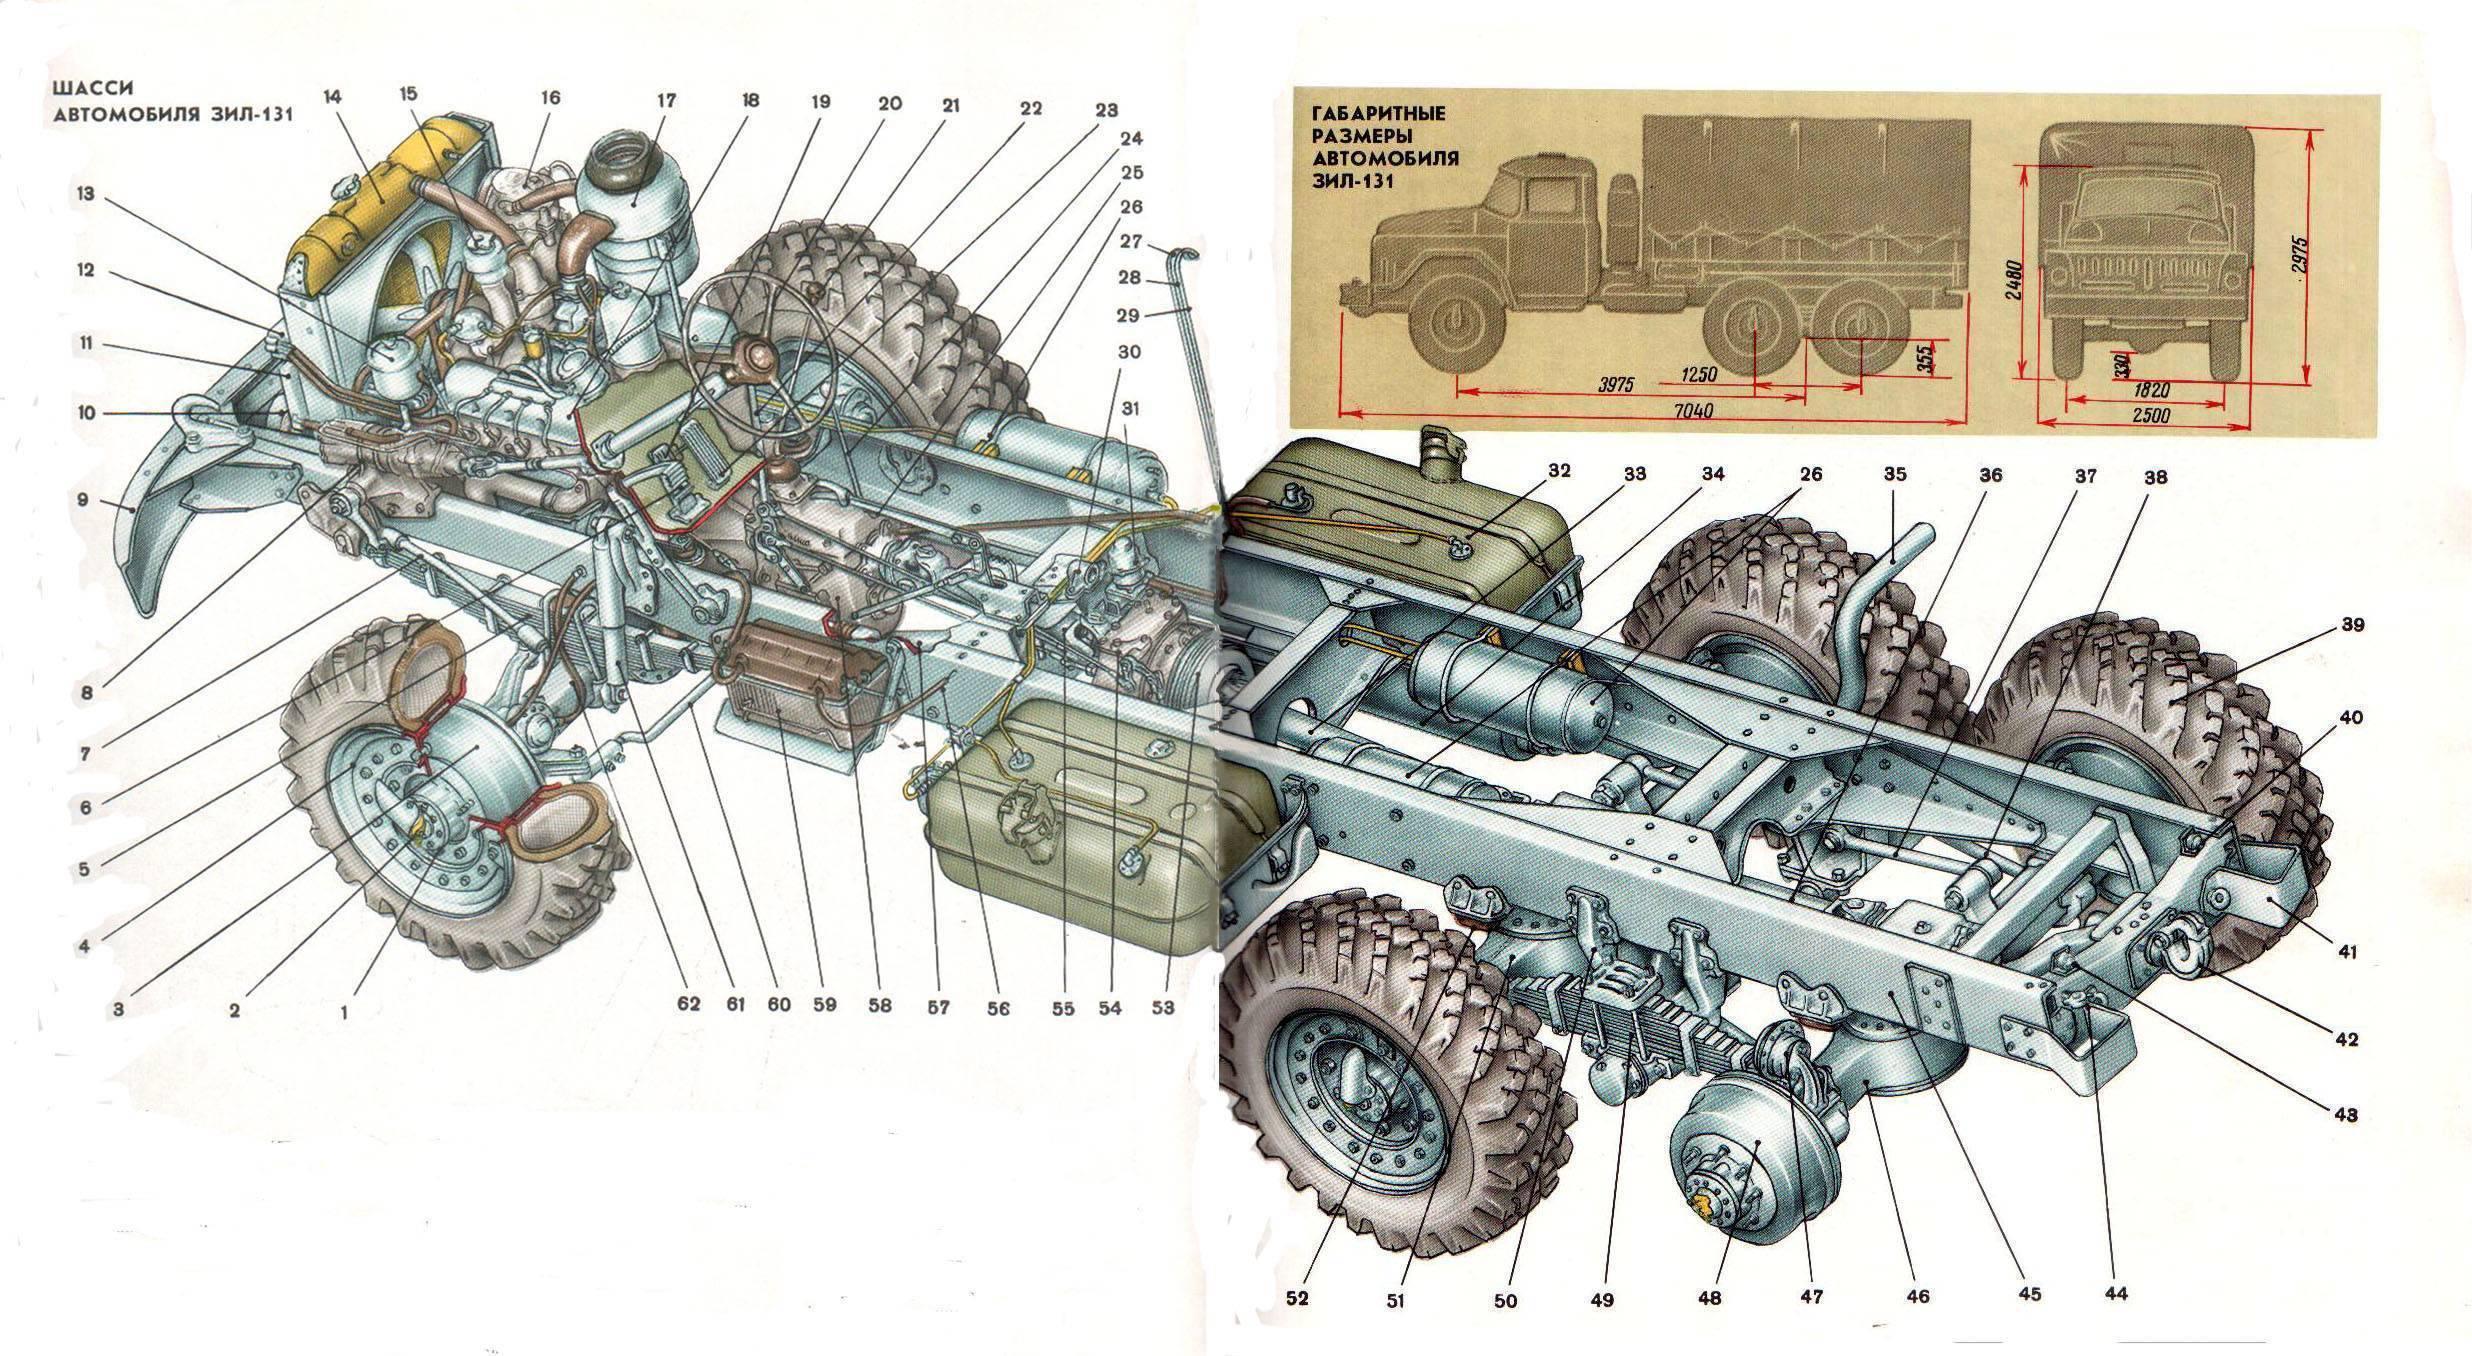 Газ-51: технические характеристики